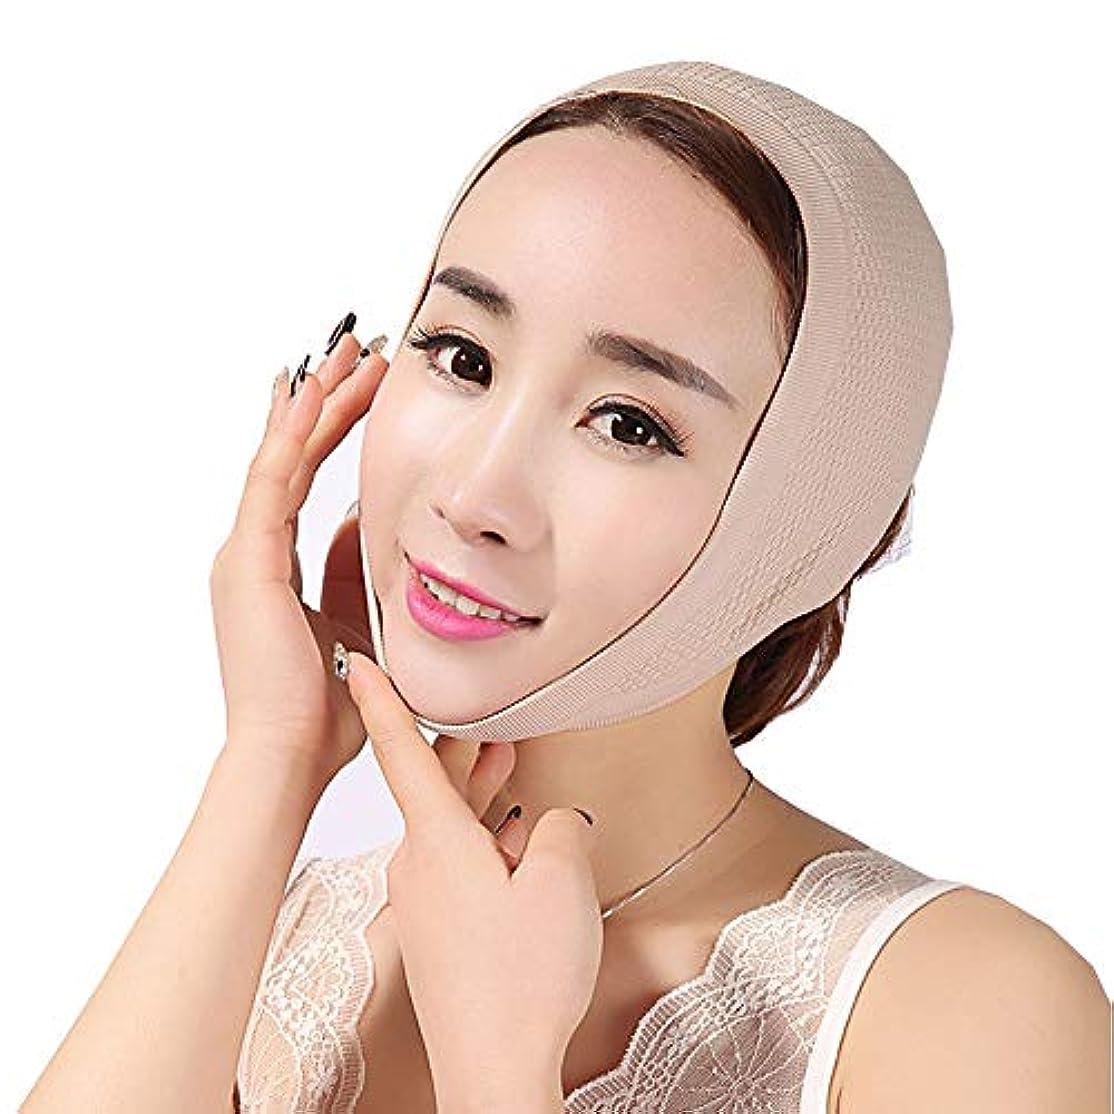 歴史家真珠のような関連するGYZ フェイスマスクで眠る薄い顔フェイスリフトフェイスリフトアーティファクトスモールフェイスVフェイスリフト付きフェイスフェイス包帯引き上げジョーセット Thin Face Belt